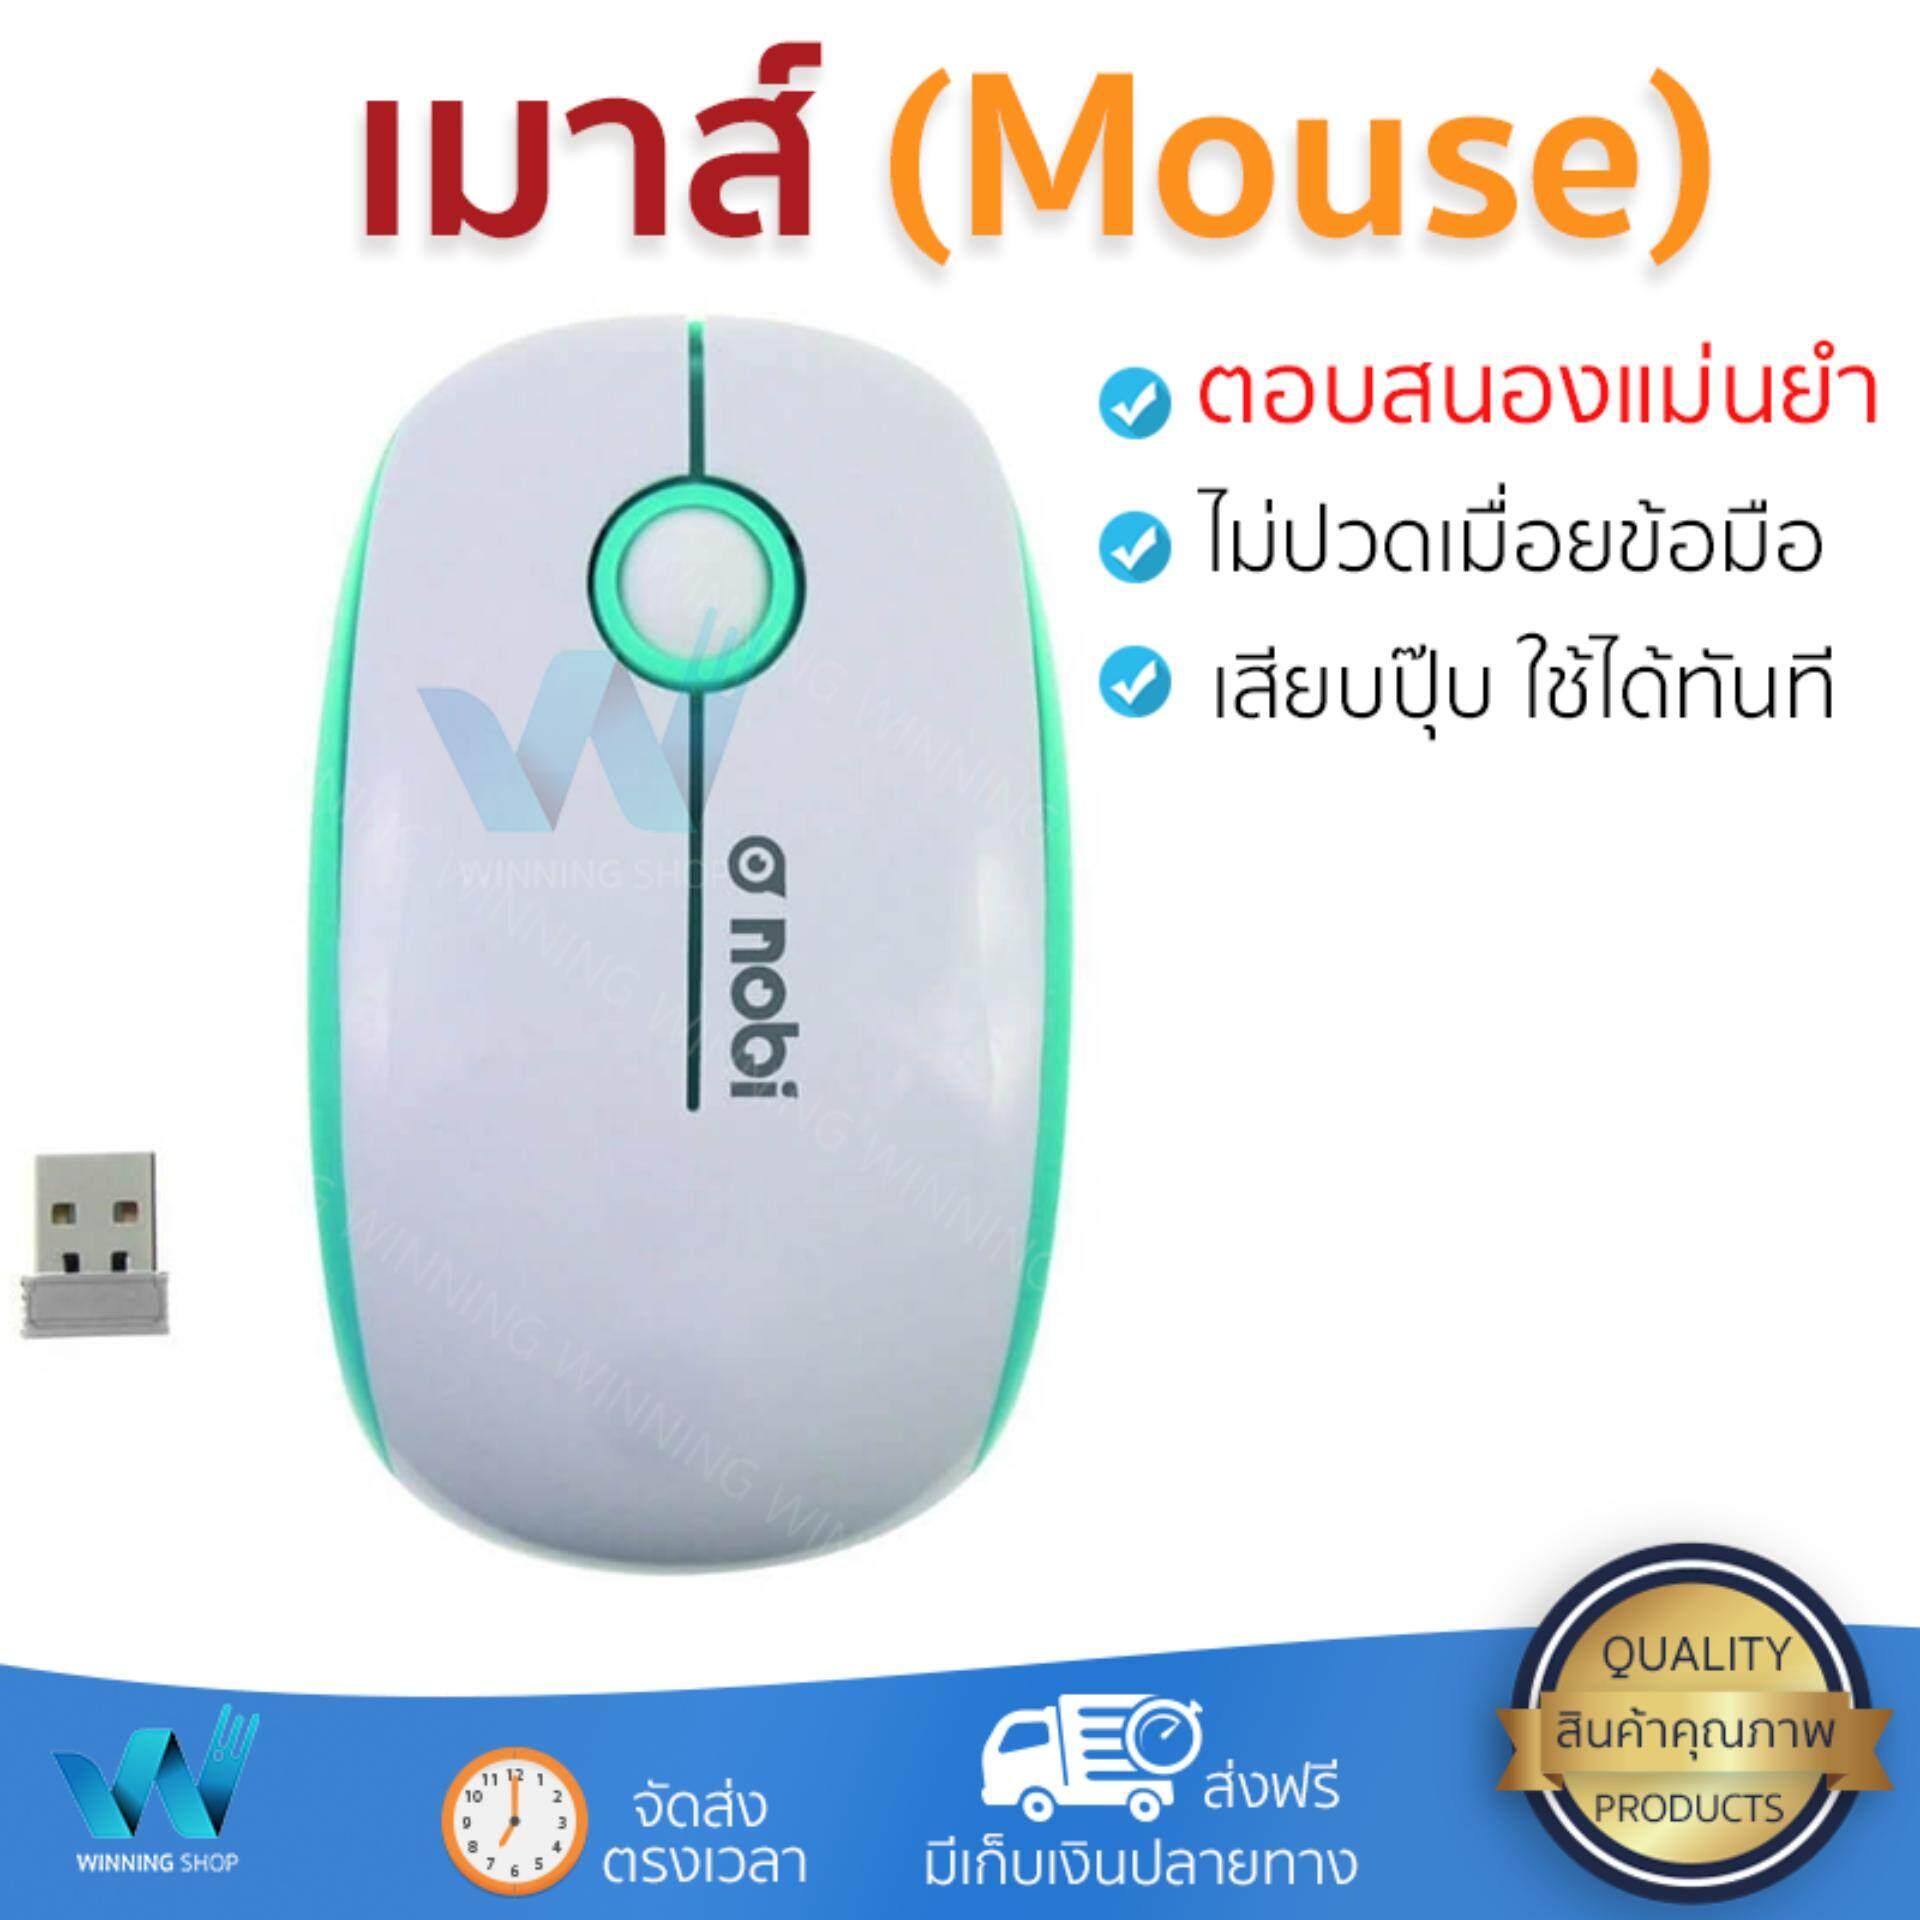 รุ่นใหม่ล่าสุด เมาส์           NOBI เมาส์ไร้สาย (สีขาว) รุ่น NM57 WH             เซนเซอร์คุณภาพสูง ทำงานได้ลื่นไหล ไม่มีสะดุด Computer Mouse  รับประกันสินค้า 1 ปี จัดส่งฟรี Kerry ทั่วประเทศ